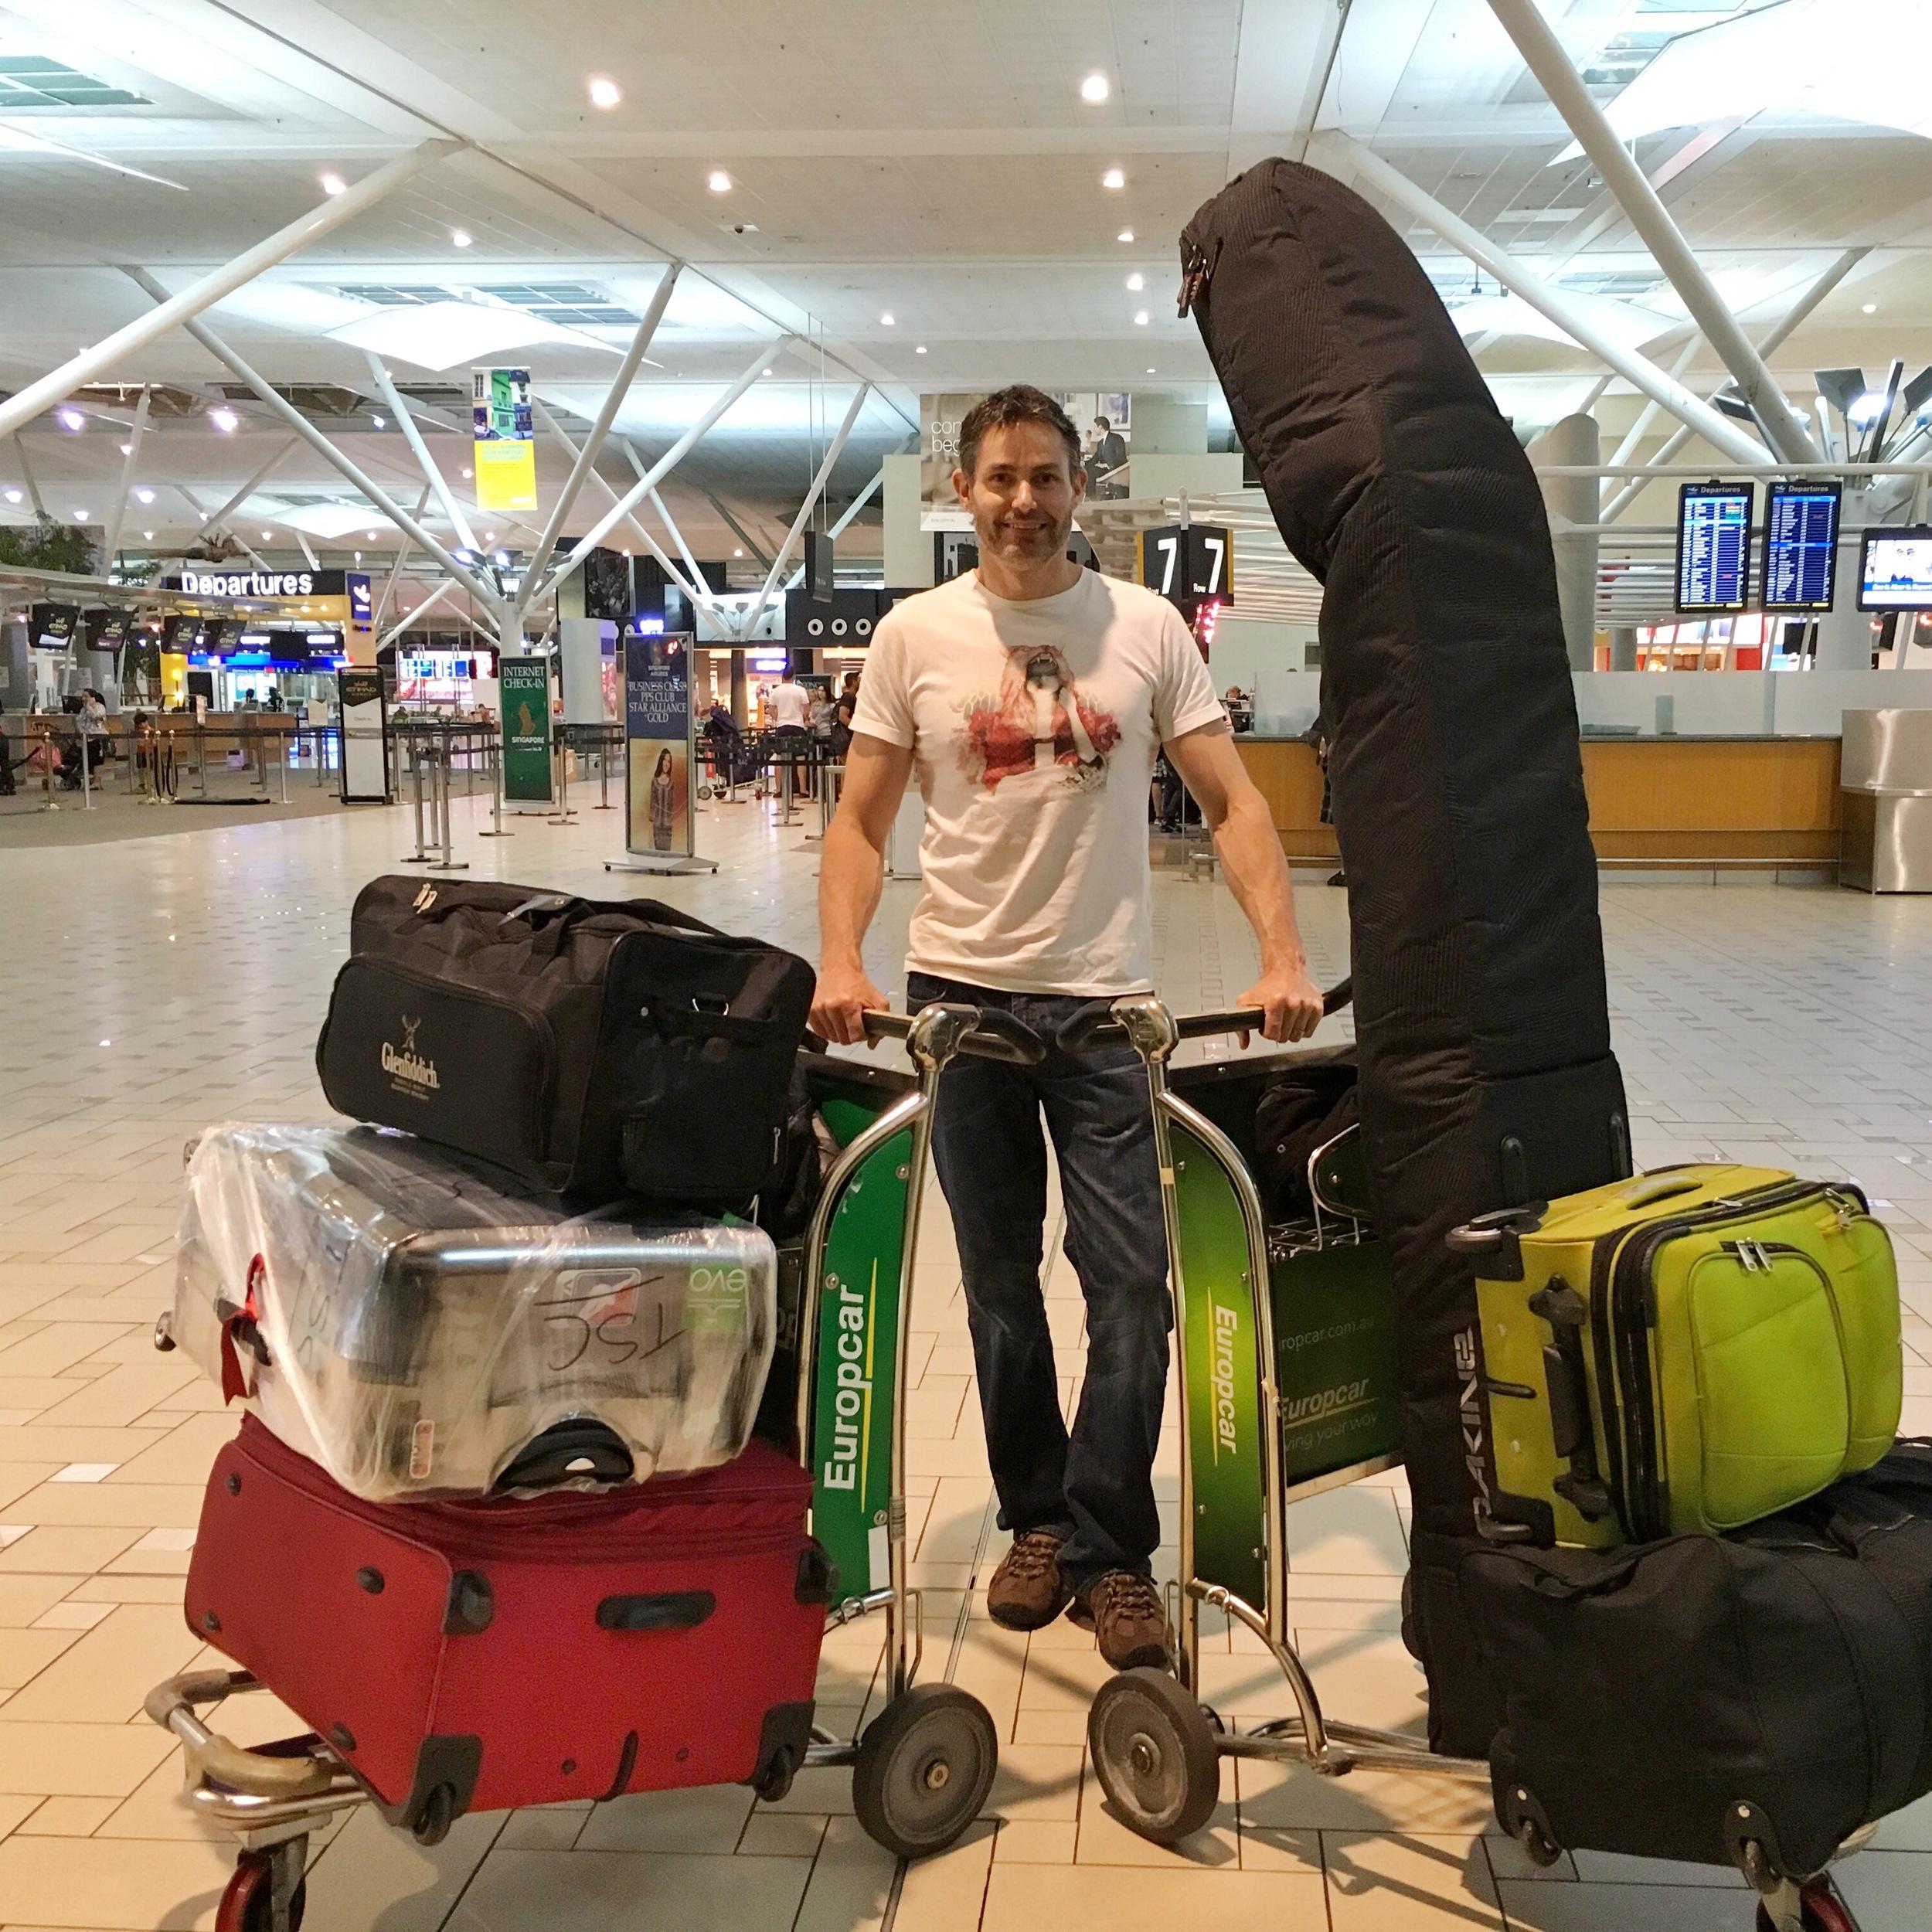 Leaving Brisbane, Australia for the US